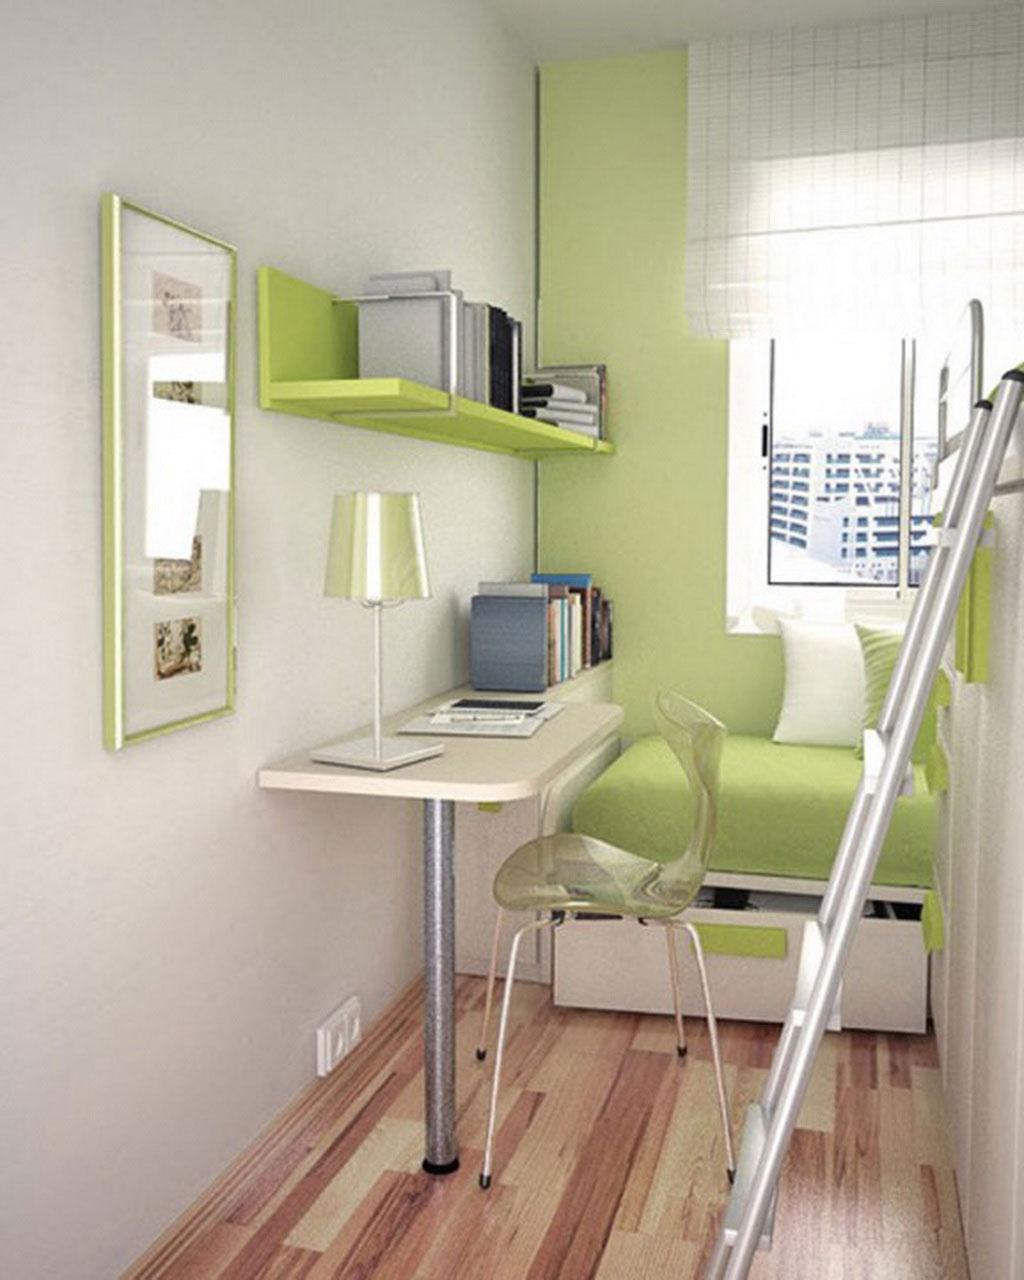 Каким может быть интерьер комнаты узкой и длинной? - уютный .